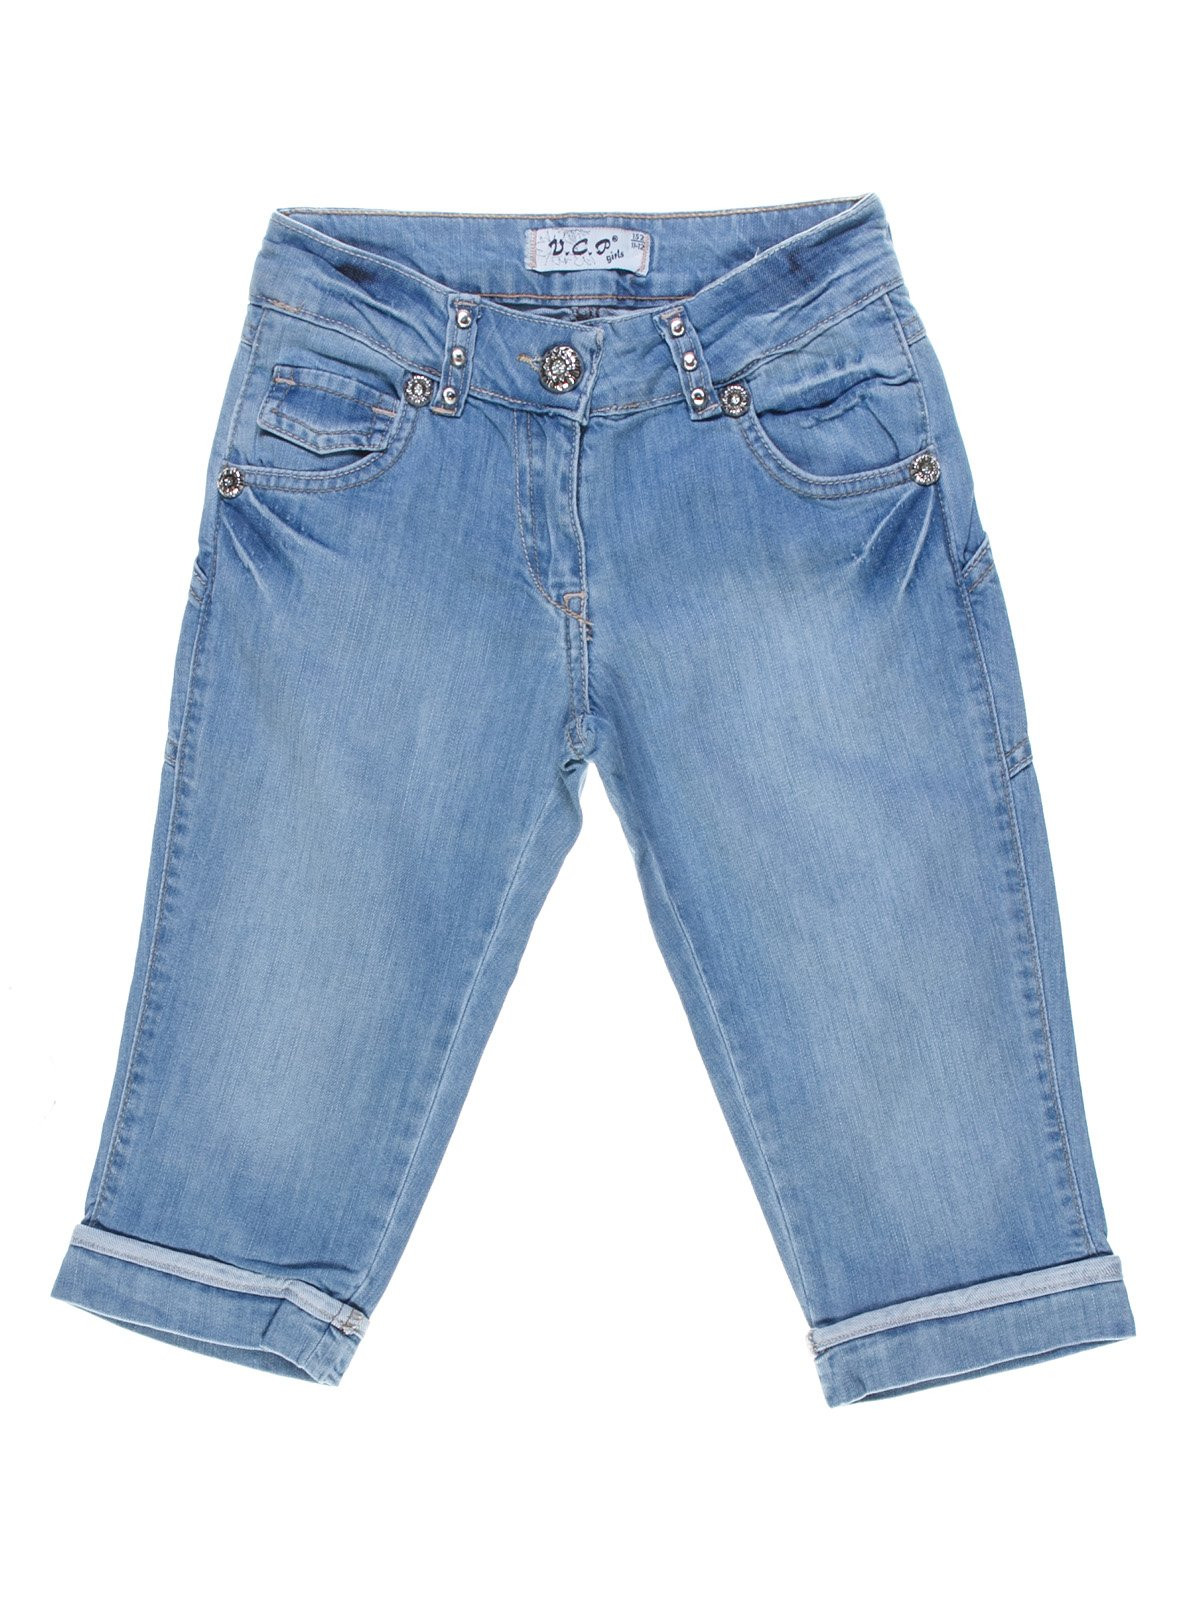 Шорты голубые джинсовые с эффектом потертых   1076954